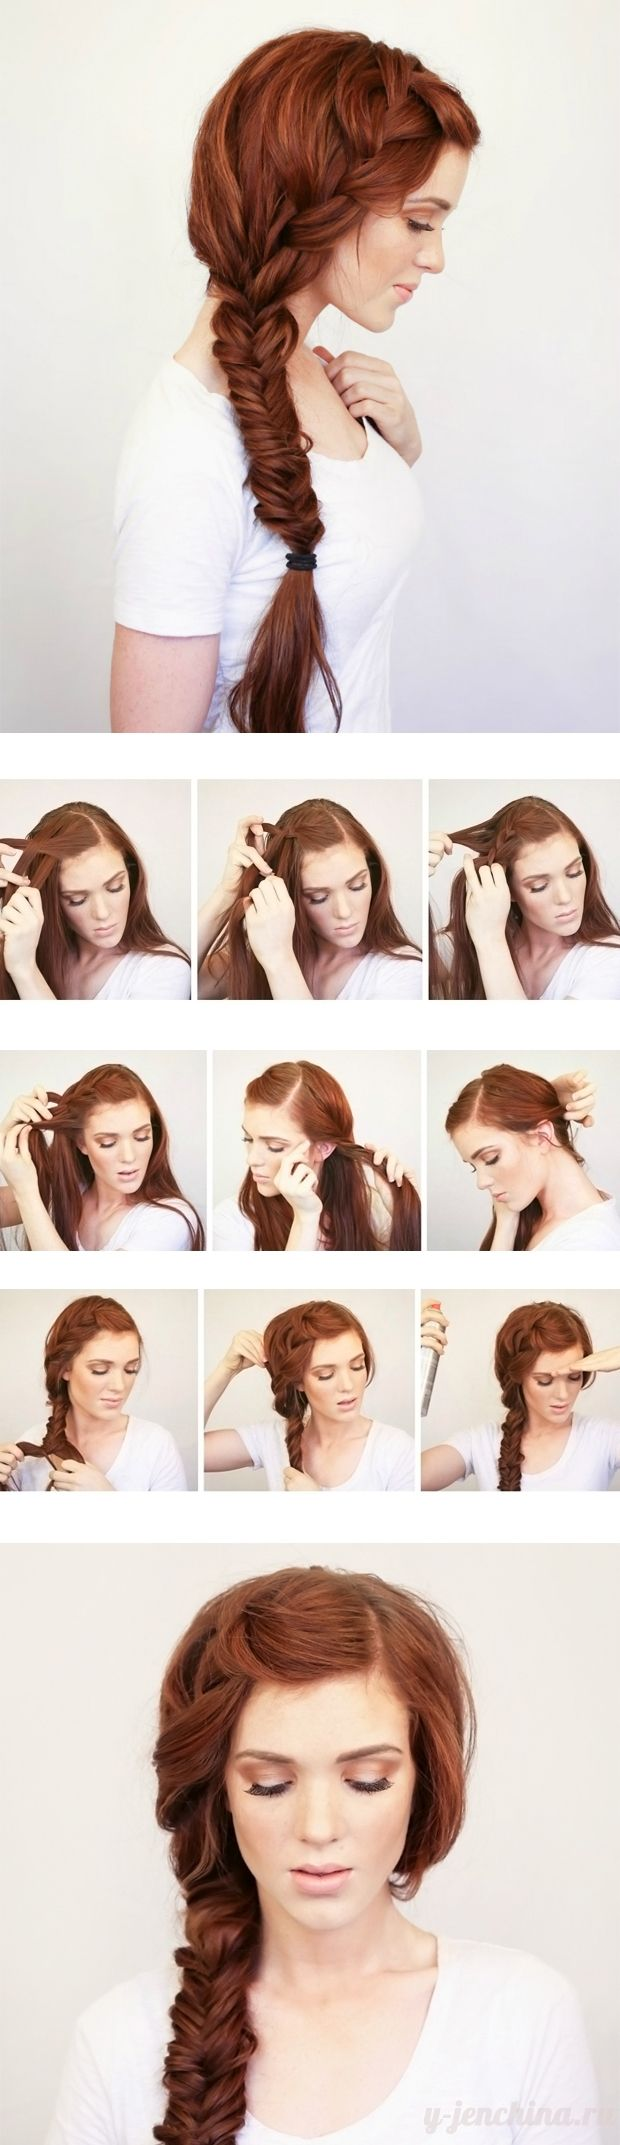 Прическа на длинные волосы косы своими руками